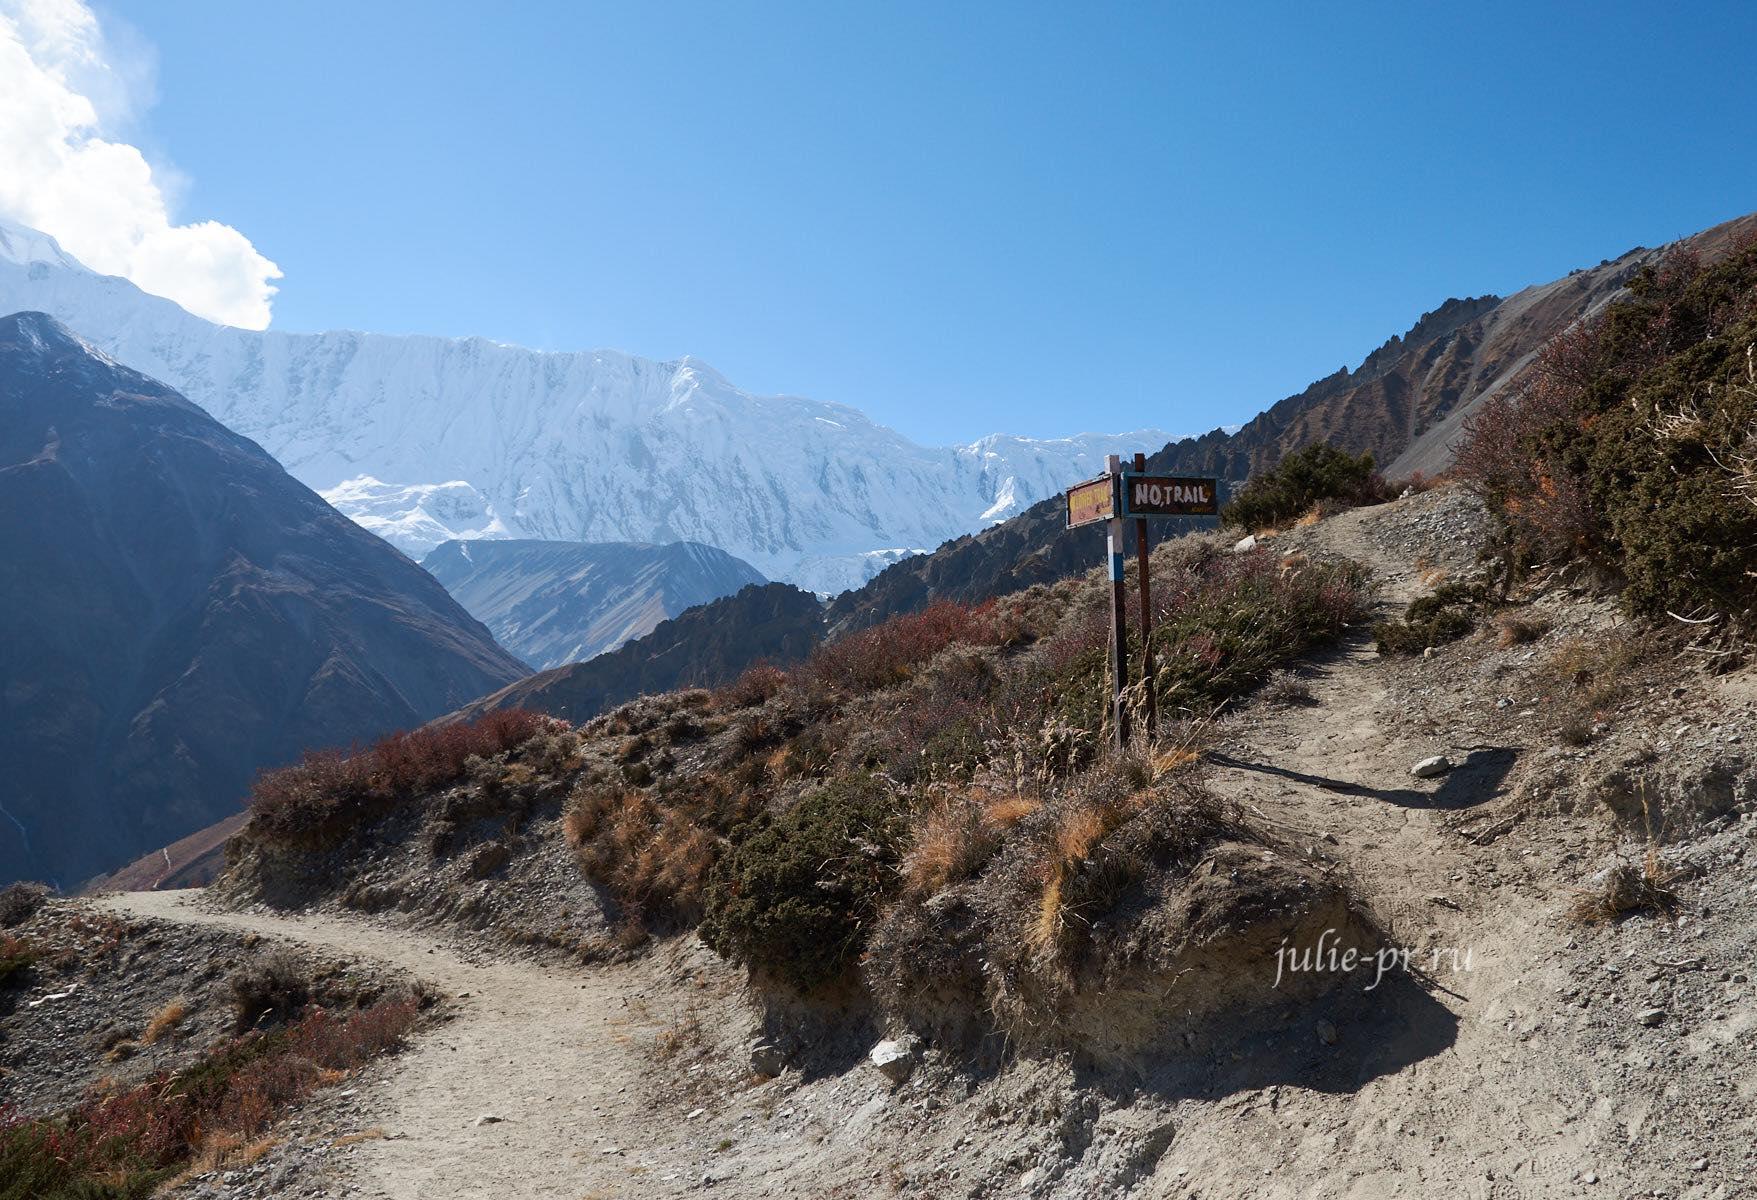 Непал. Развилка Верней и Нижней тропы на Тиличо